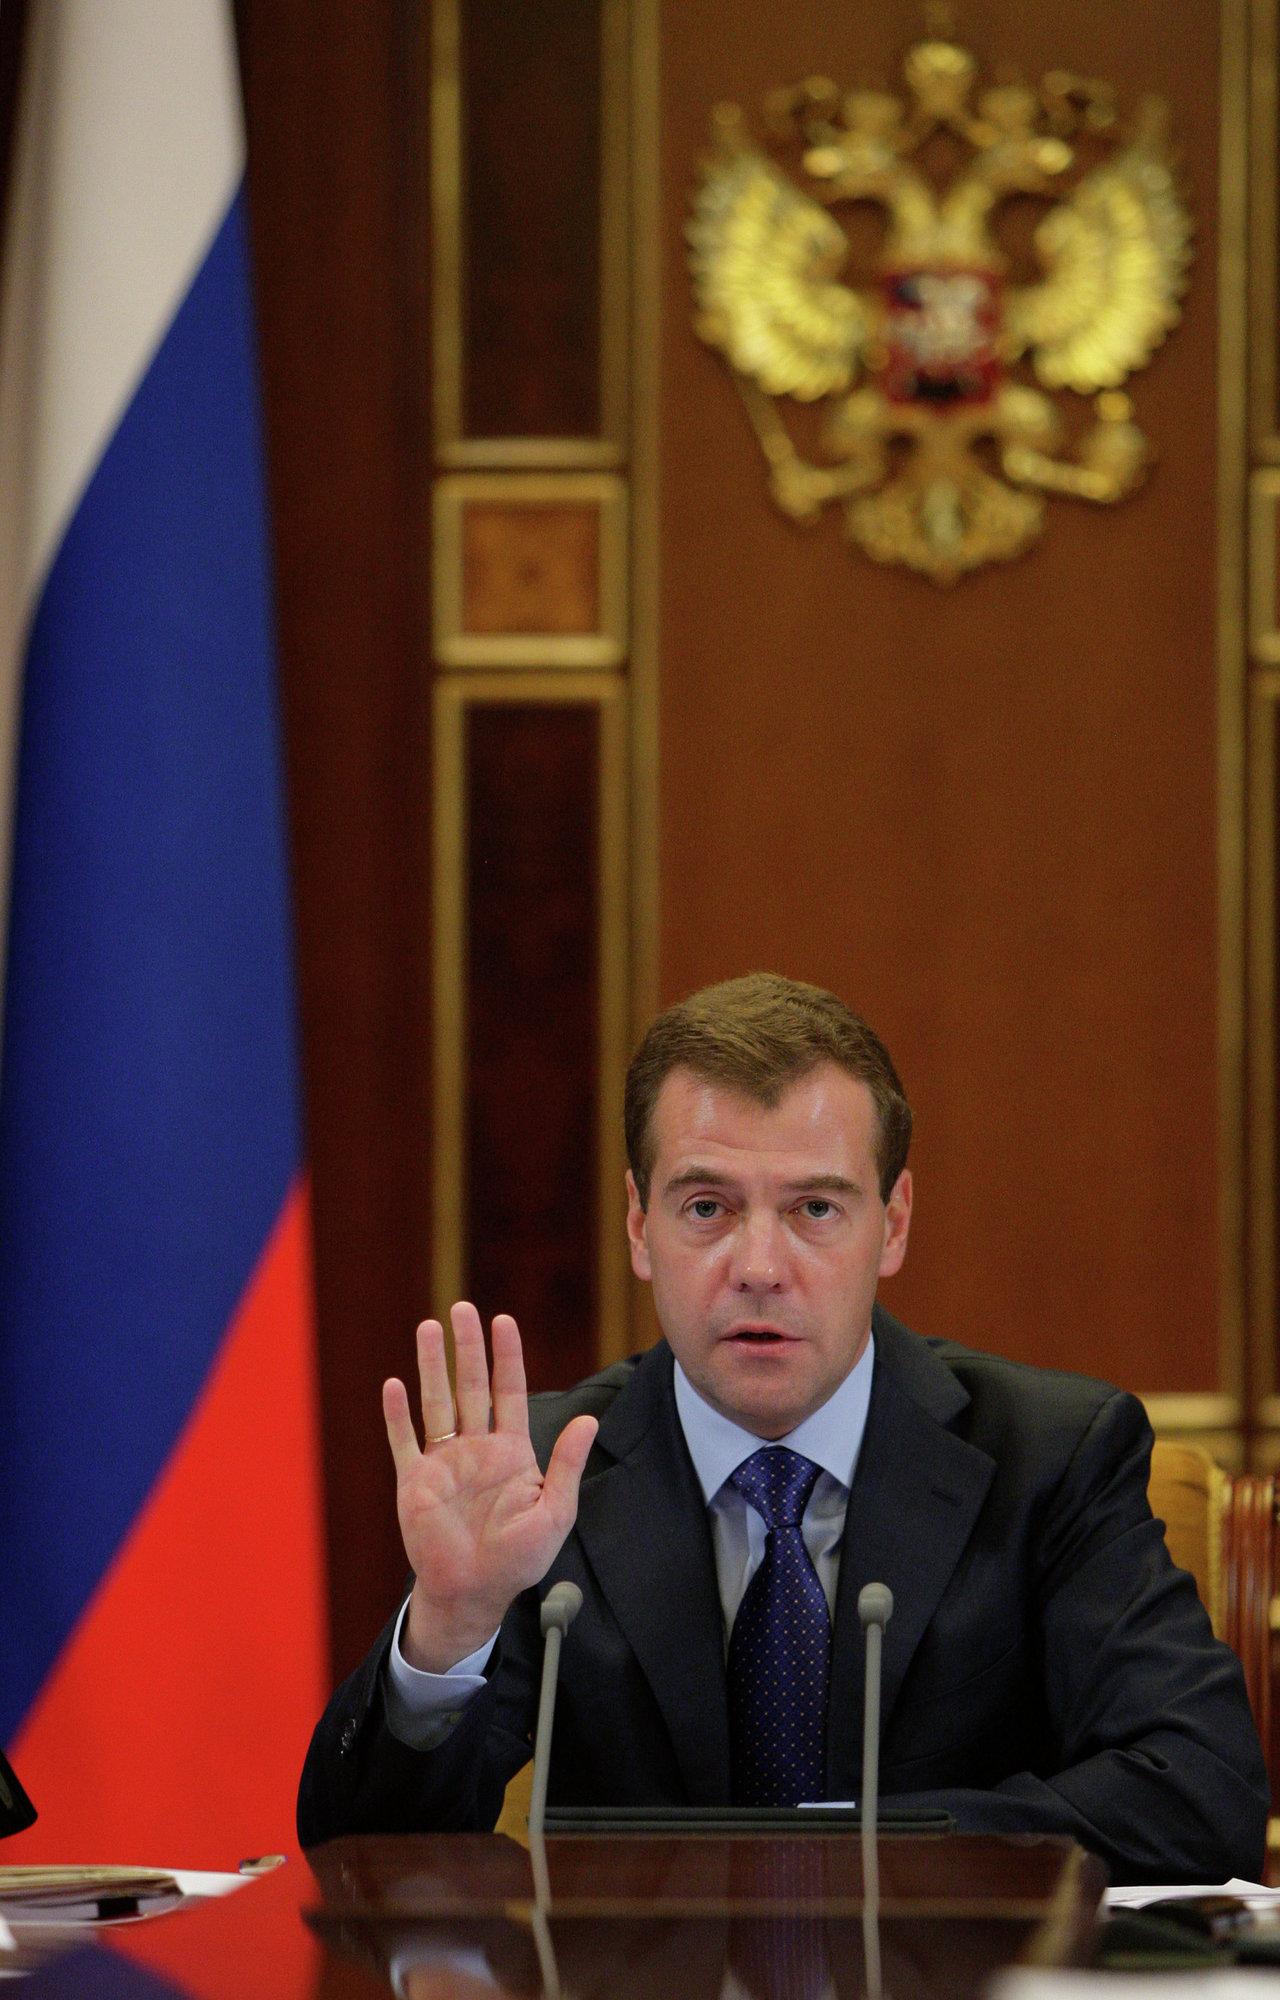 Дмитрий Медведев провел совещание по вопросам правоохранительной деятельности